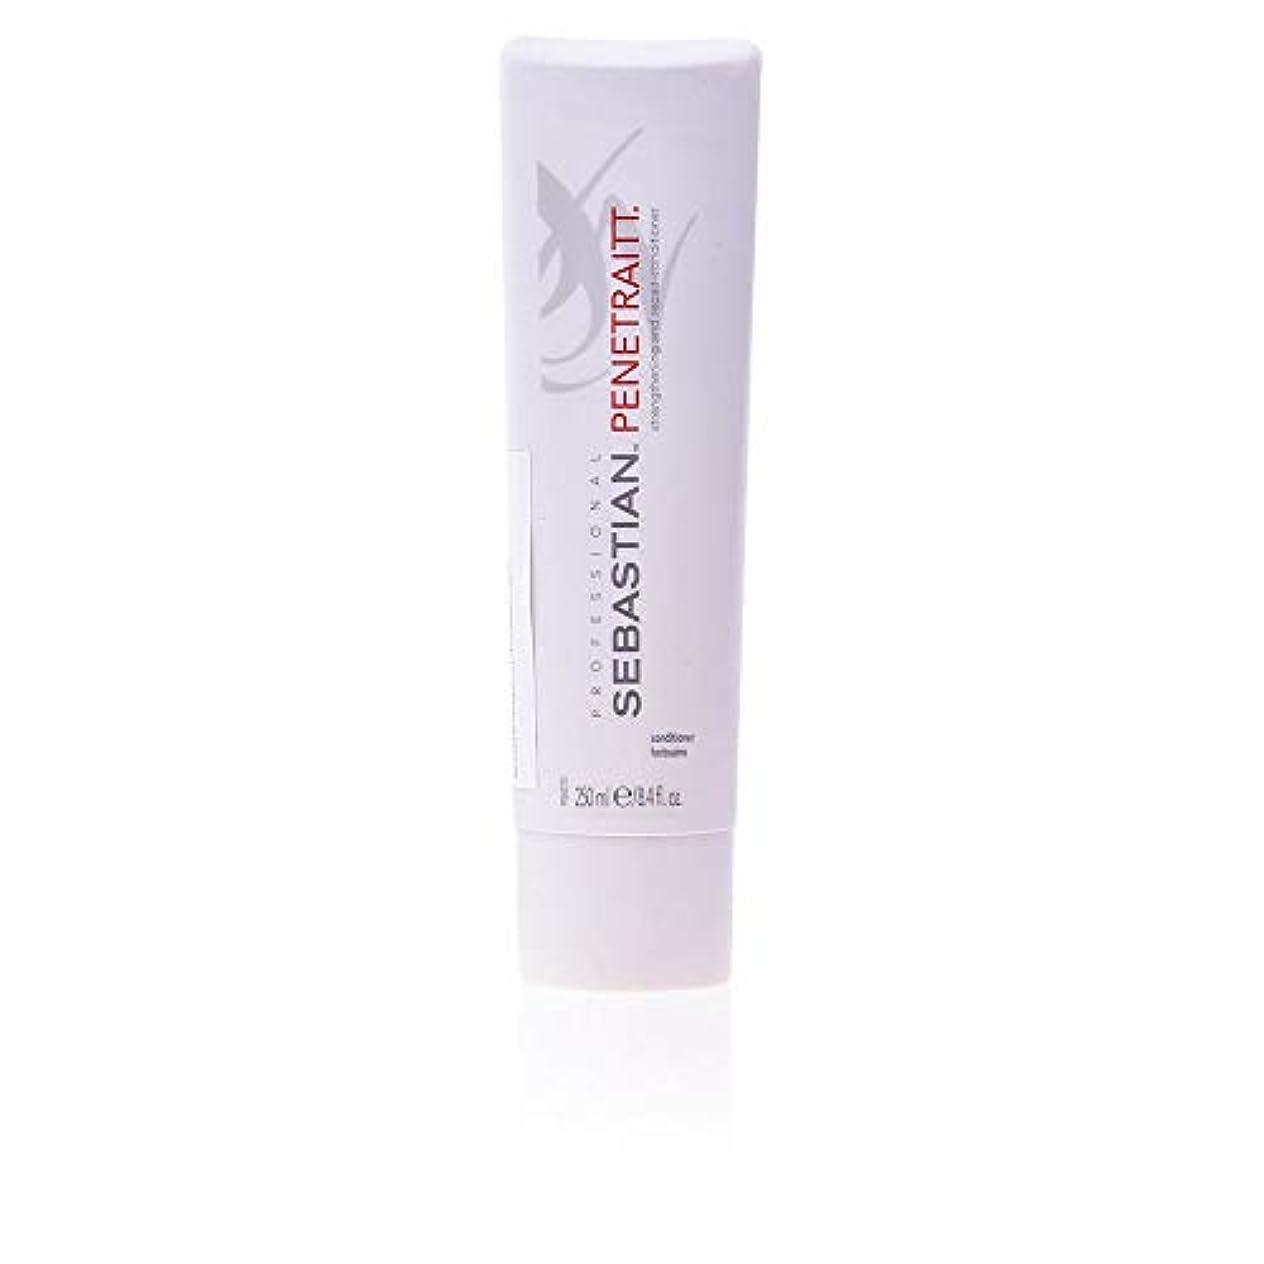 溶岩サバントアクセルセバスチャン ペネトレイト髪質強化&修復コンディショナー 250ml (並行輸入品)